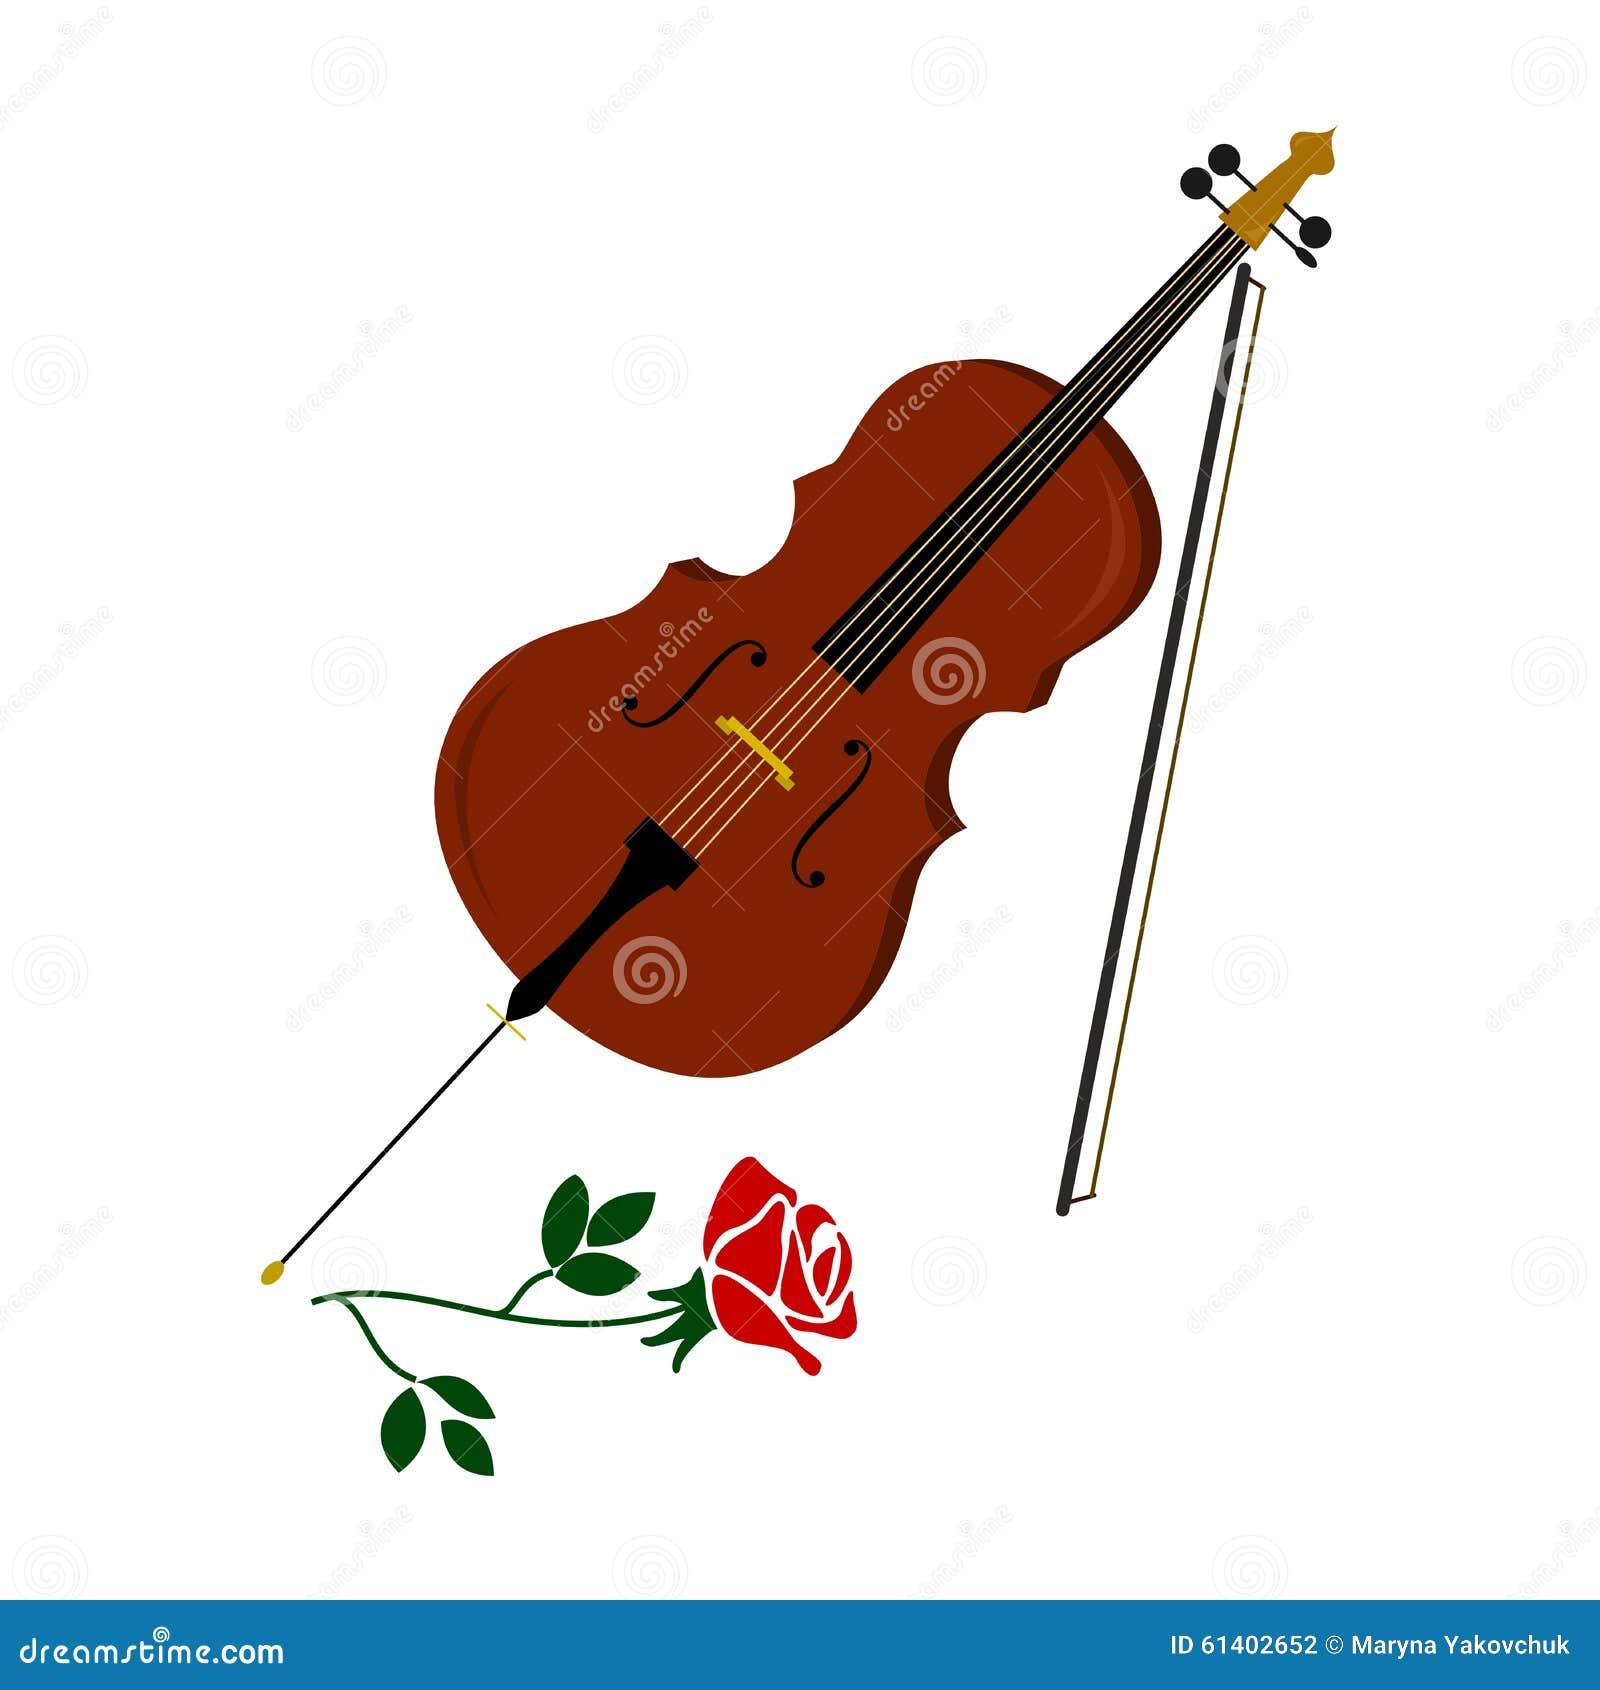 Cello cartoon cello player stock photography image 32561422 - The Cello And Rose Stock Photography